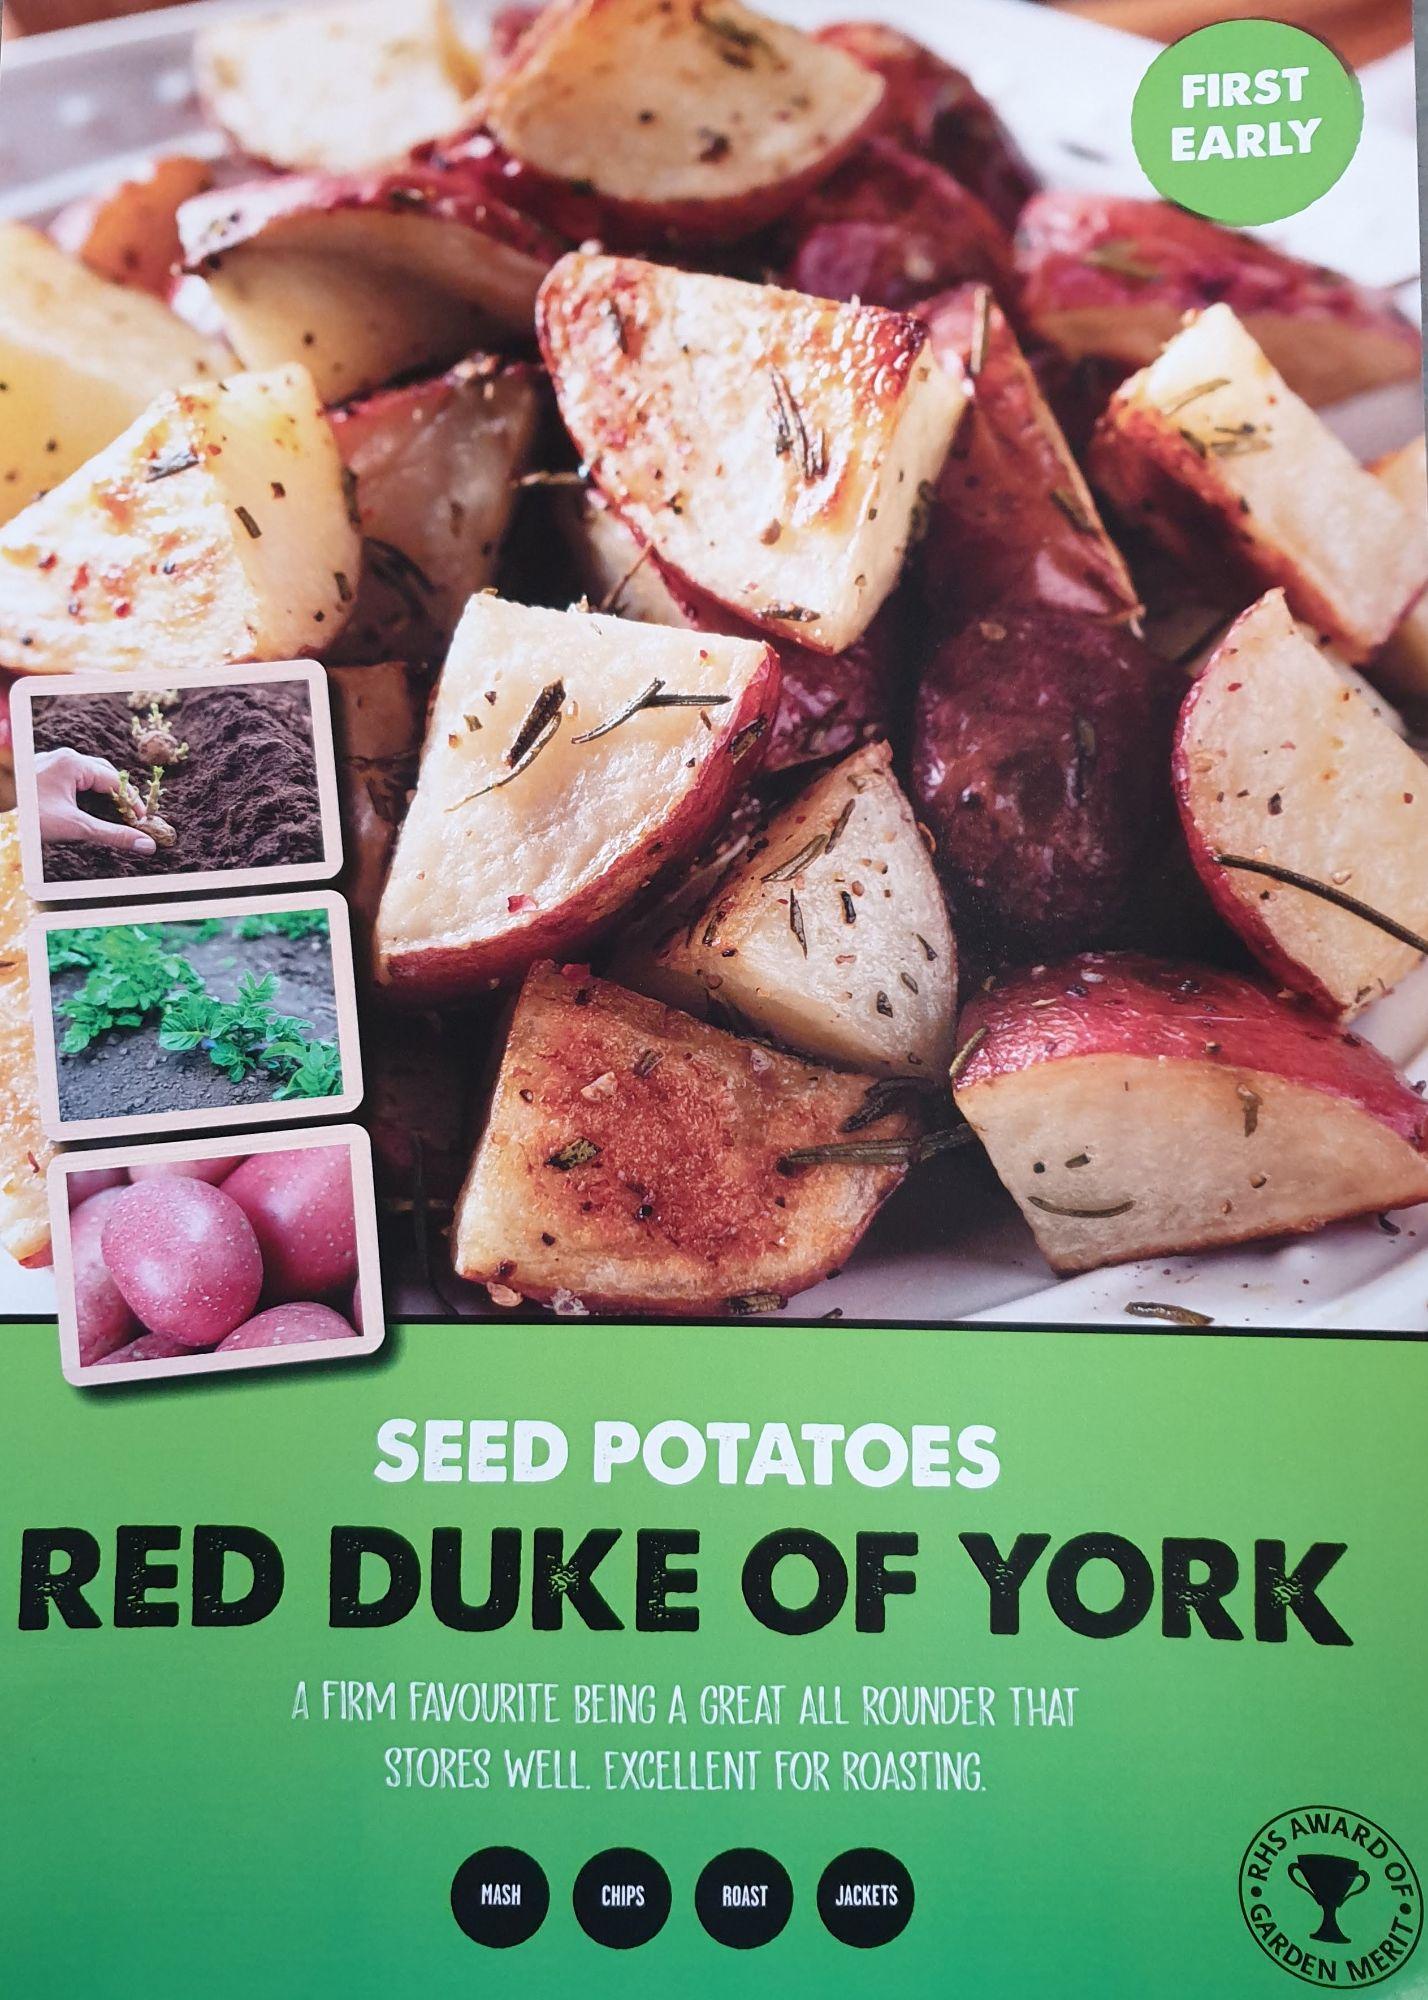 red_duke_of_yorks_seed_potato_info.jpg